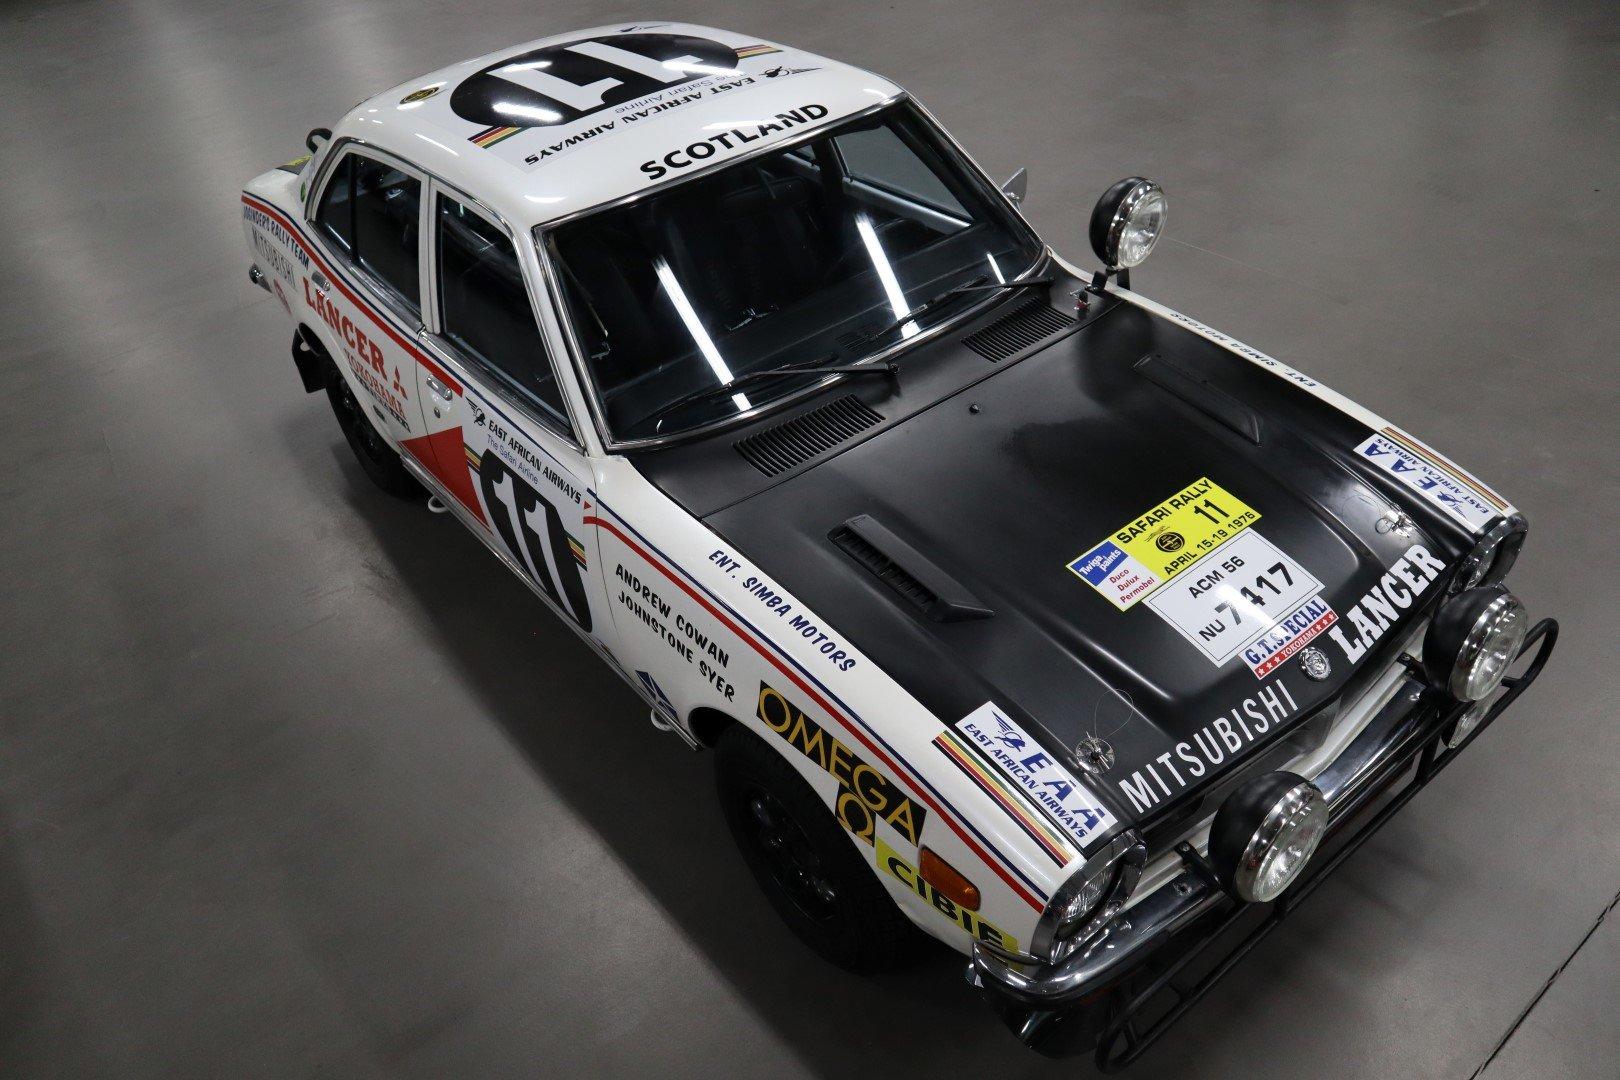 1977 Mitsubishi Lancer 1600 GSR Safari Rally For Sale (picture 8 of 12)